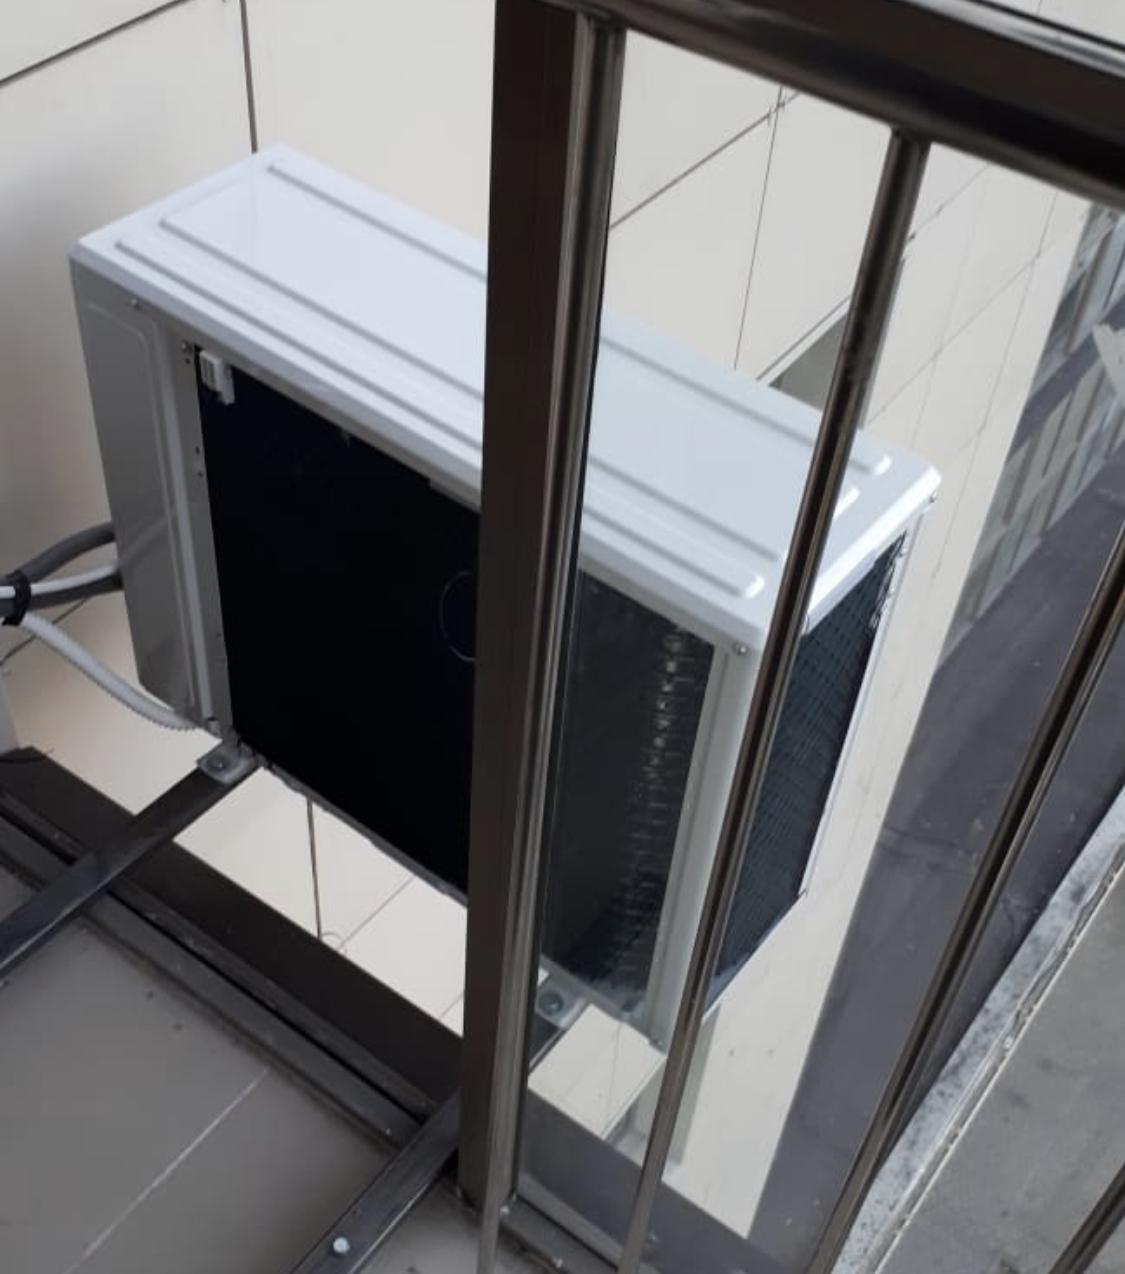 Установка кондиционера на балконе с остеклением своими руками